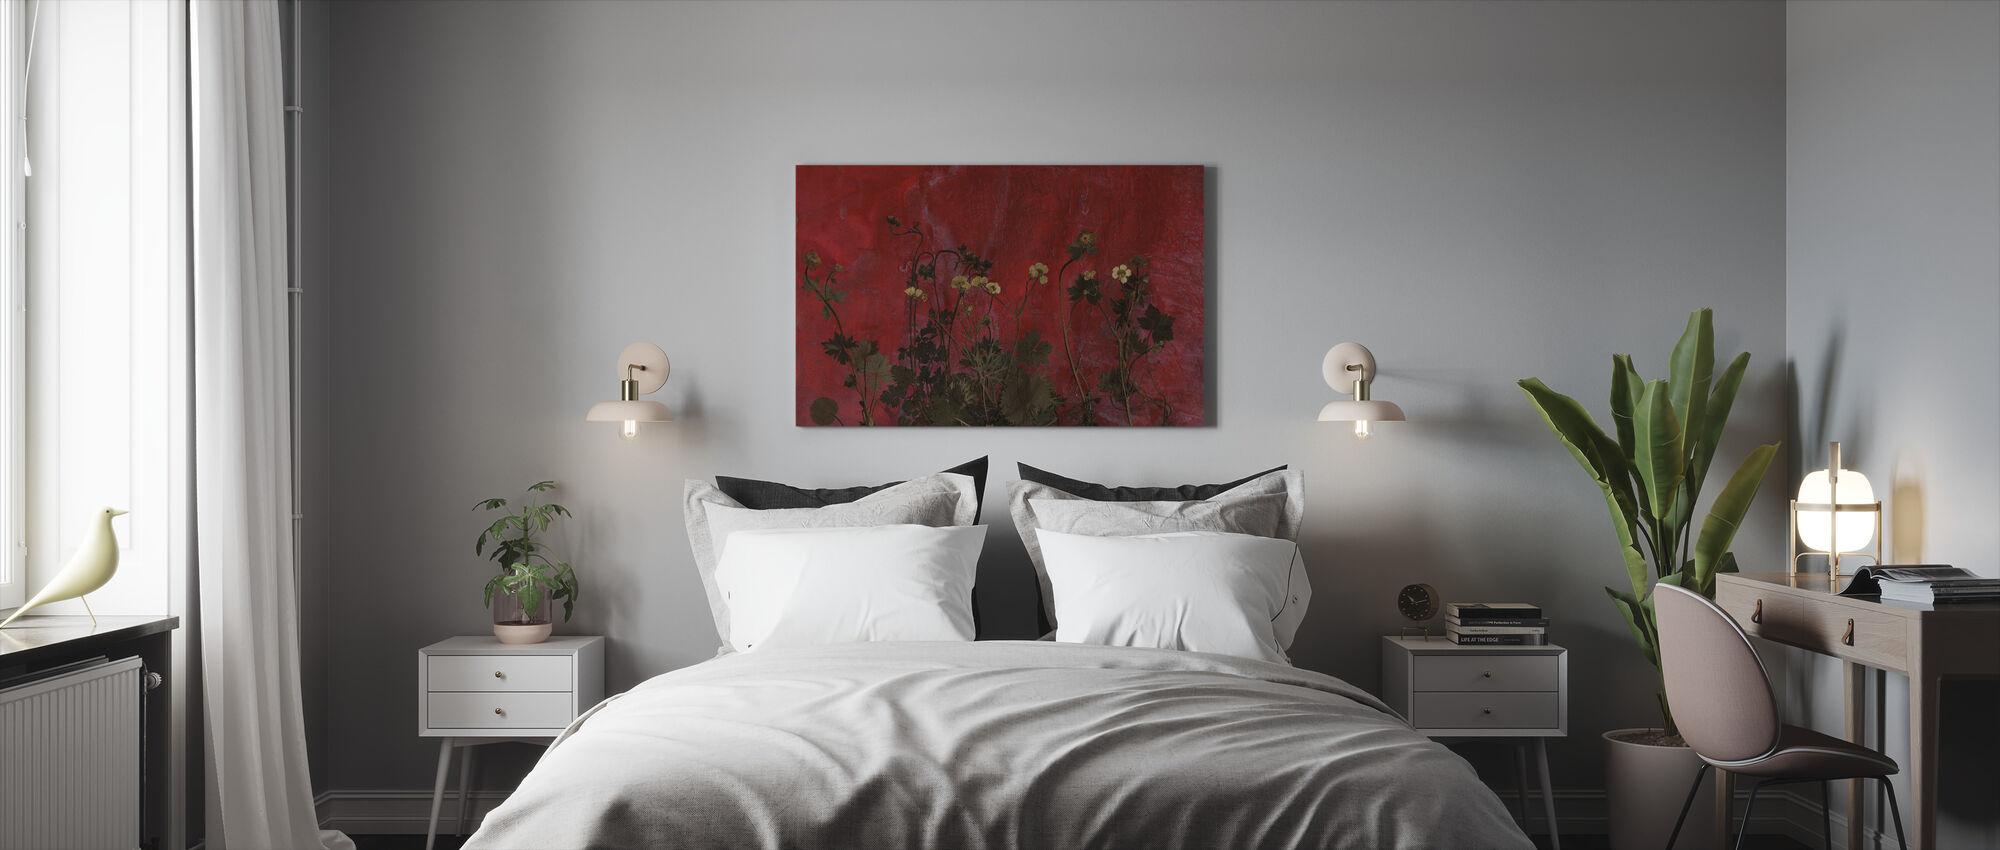 Meadow - Canvas print - Bedroom